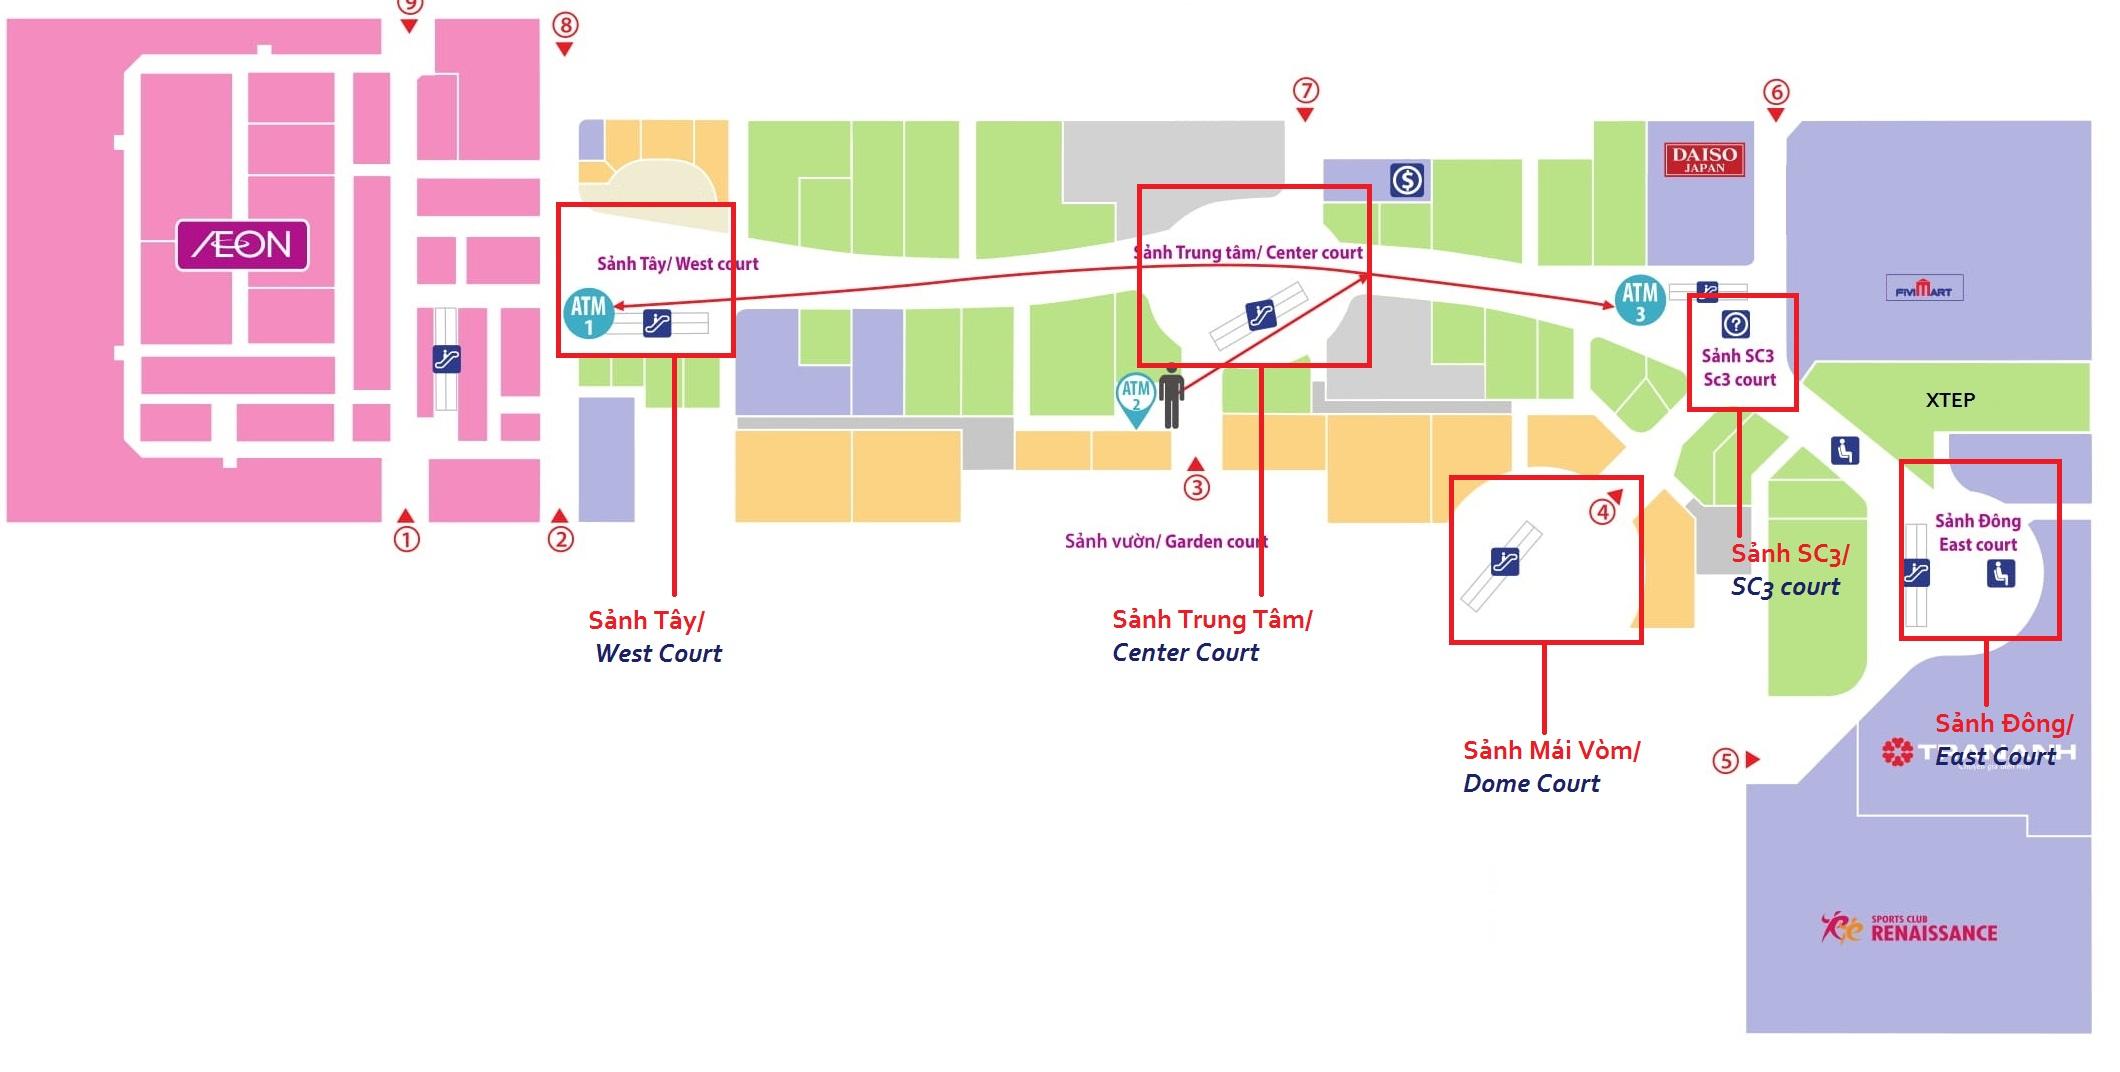 Vị-trí-sảnh-1-1 [TechOffline] Trải nghiệm siêu phẩm Galaxy Note 10/10 Plus chỉ có tại Hoàng Hà Mobile